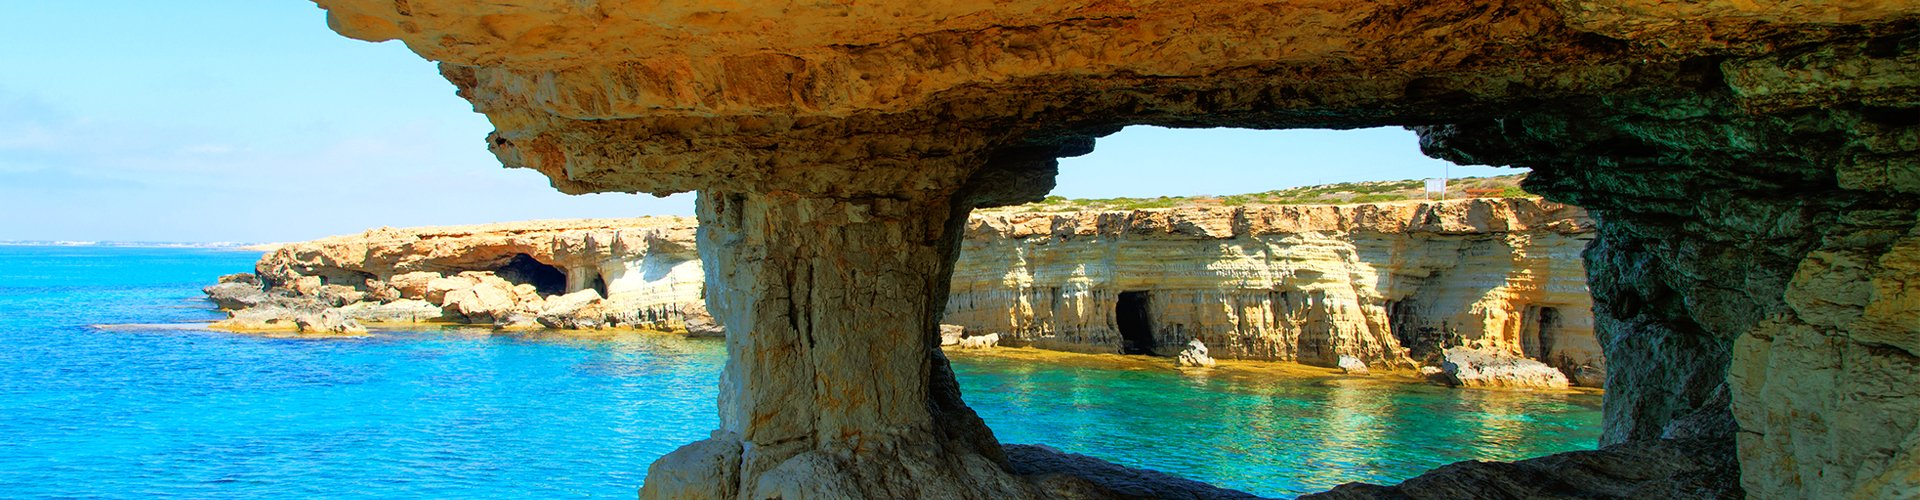 Kust van Cyprus